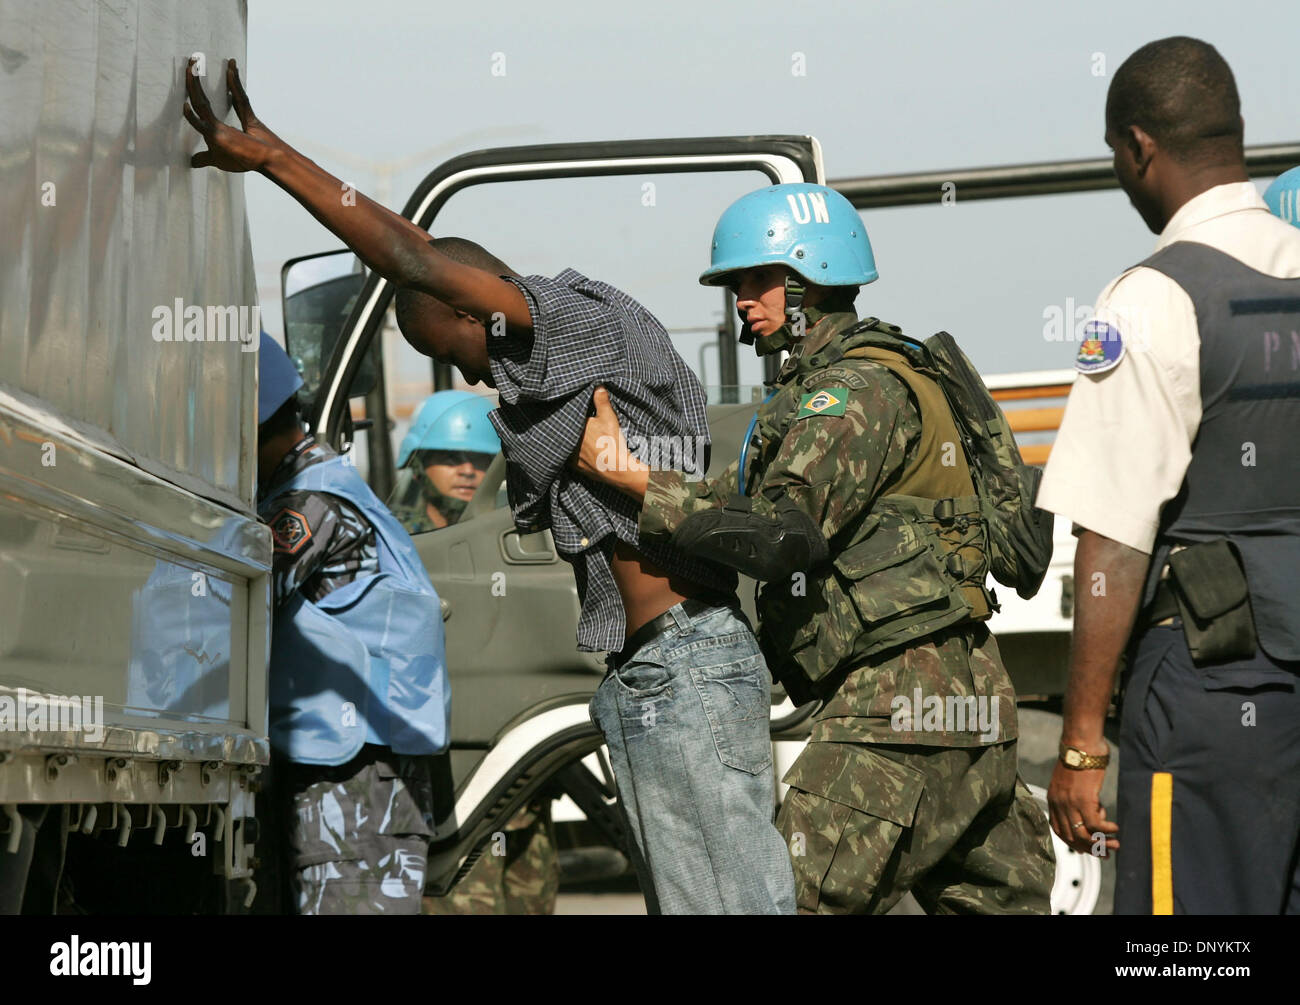 03 Feb, 2006; Port-au-Prince, Haití; los soldados de las Naciones Unidas, respaldado por la policía haitiana, para inspeccionar los vehículos y sus ocupantes en una carretera bloack cerca del barrio de Cité Soleil. El barrio se ha convertido en un bastión de las pandillas opuestos a la ONU, y un santuario para los secuestradores que ocultar a sus víctimas en su interior. Elecciones en Haití, la primera desde el derrocamiento violento del Presidente Jean-Bertrand AR Imagen De Stock